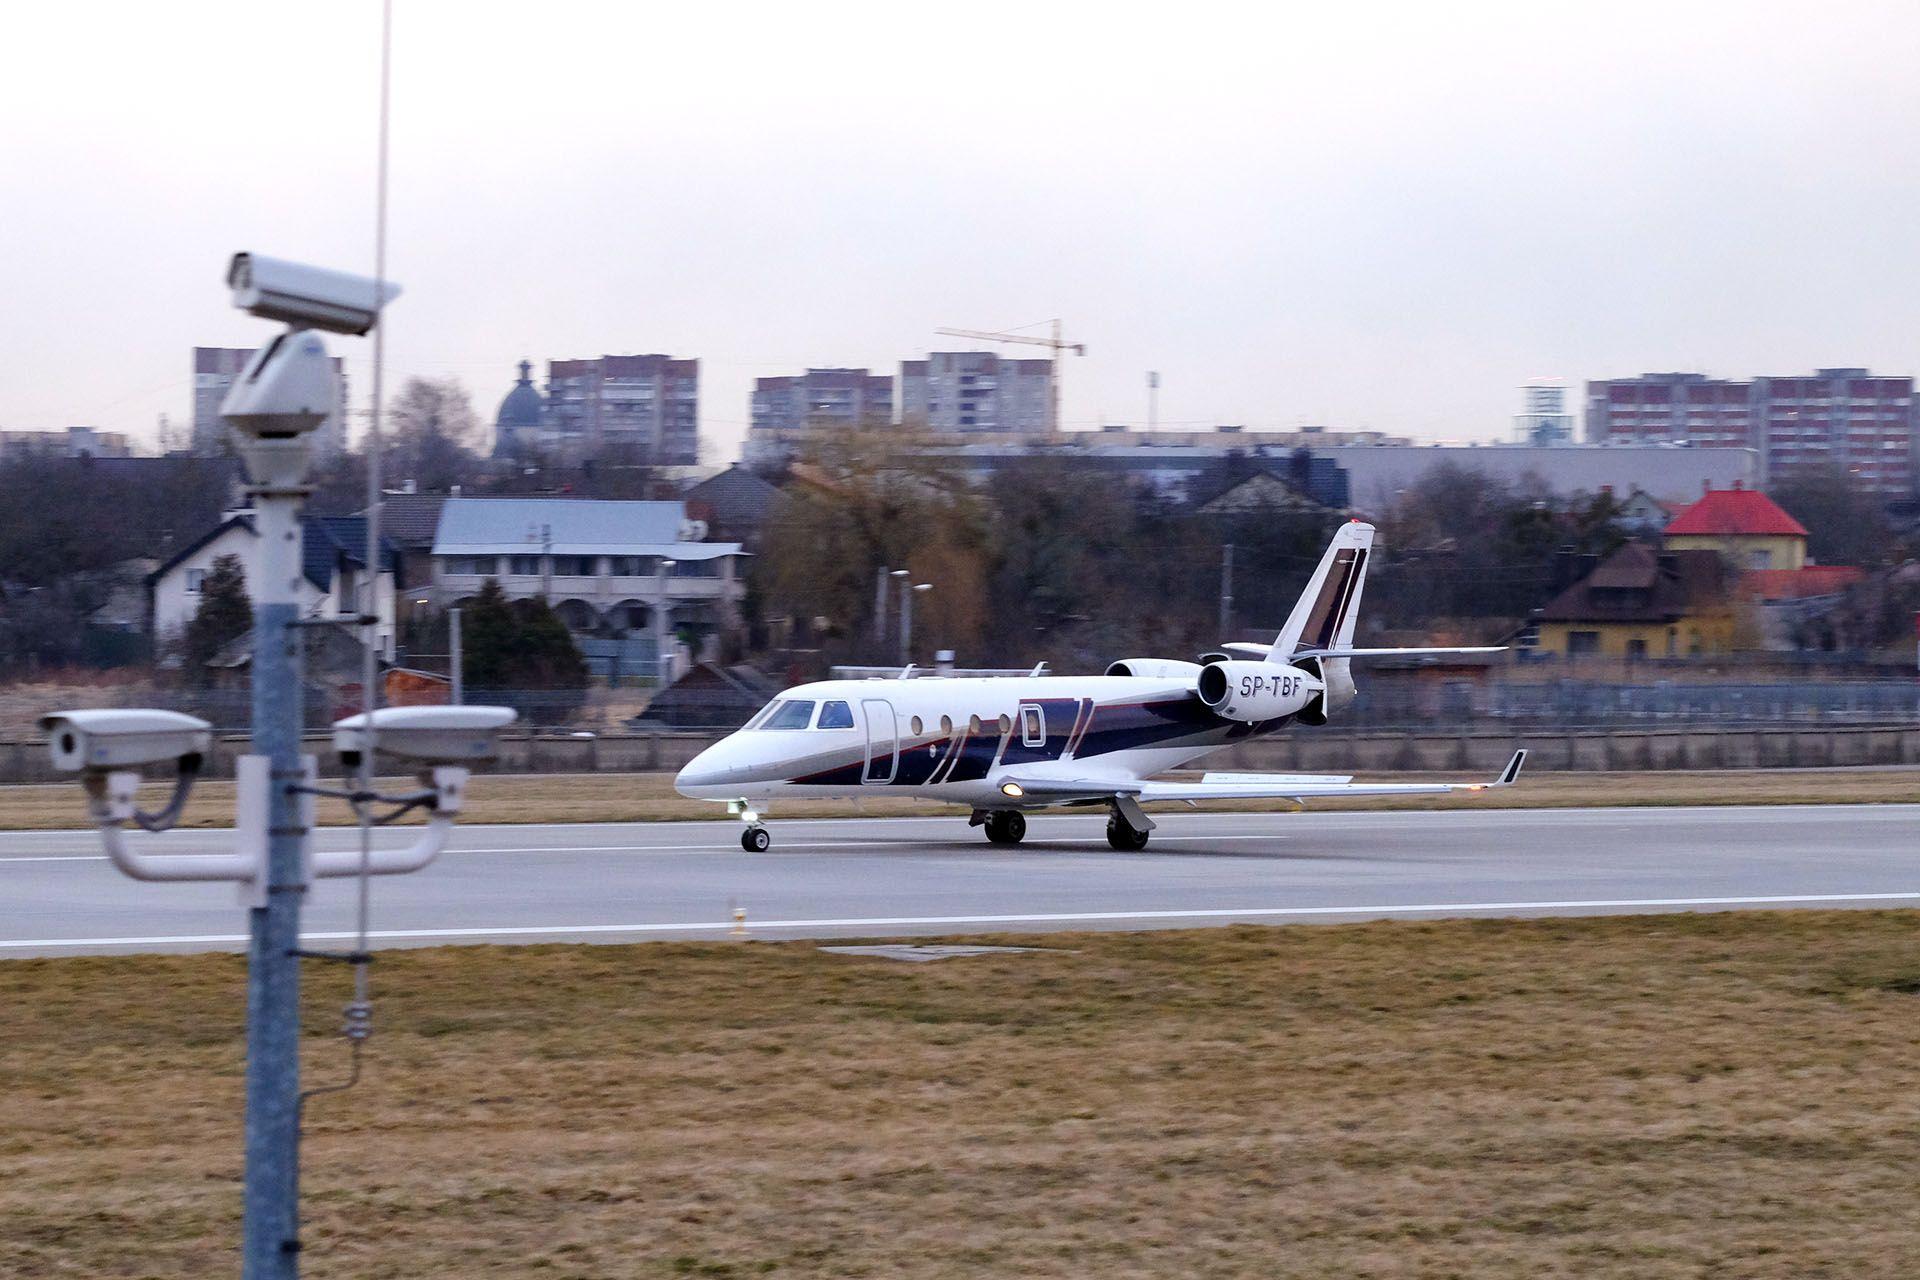 Літак, який знаходиться на злітно-посадочної смуги в аеропорту